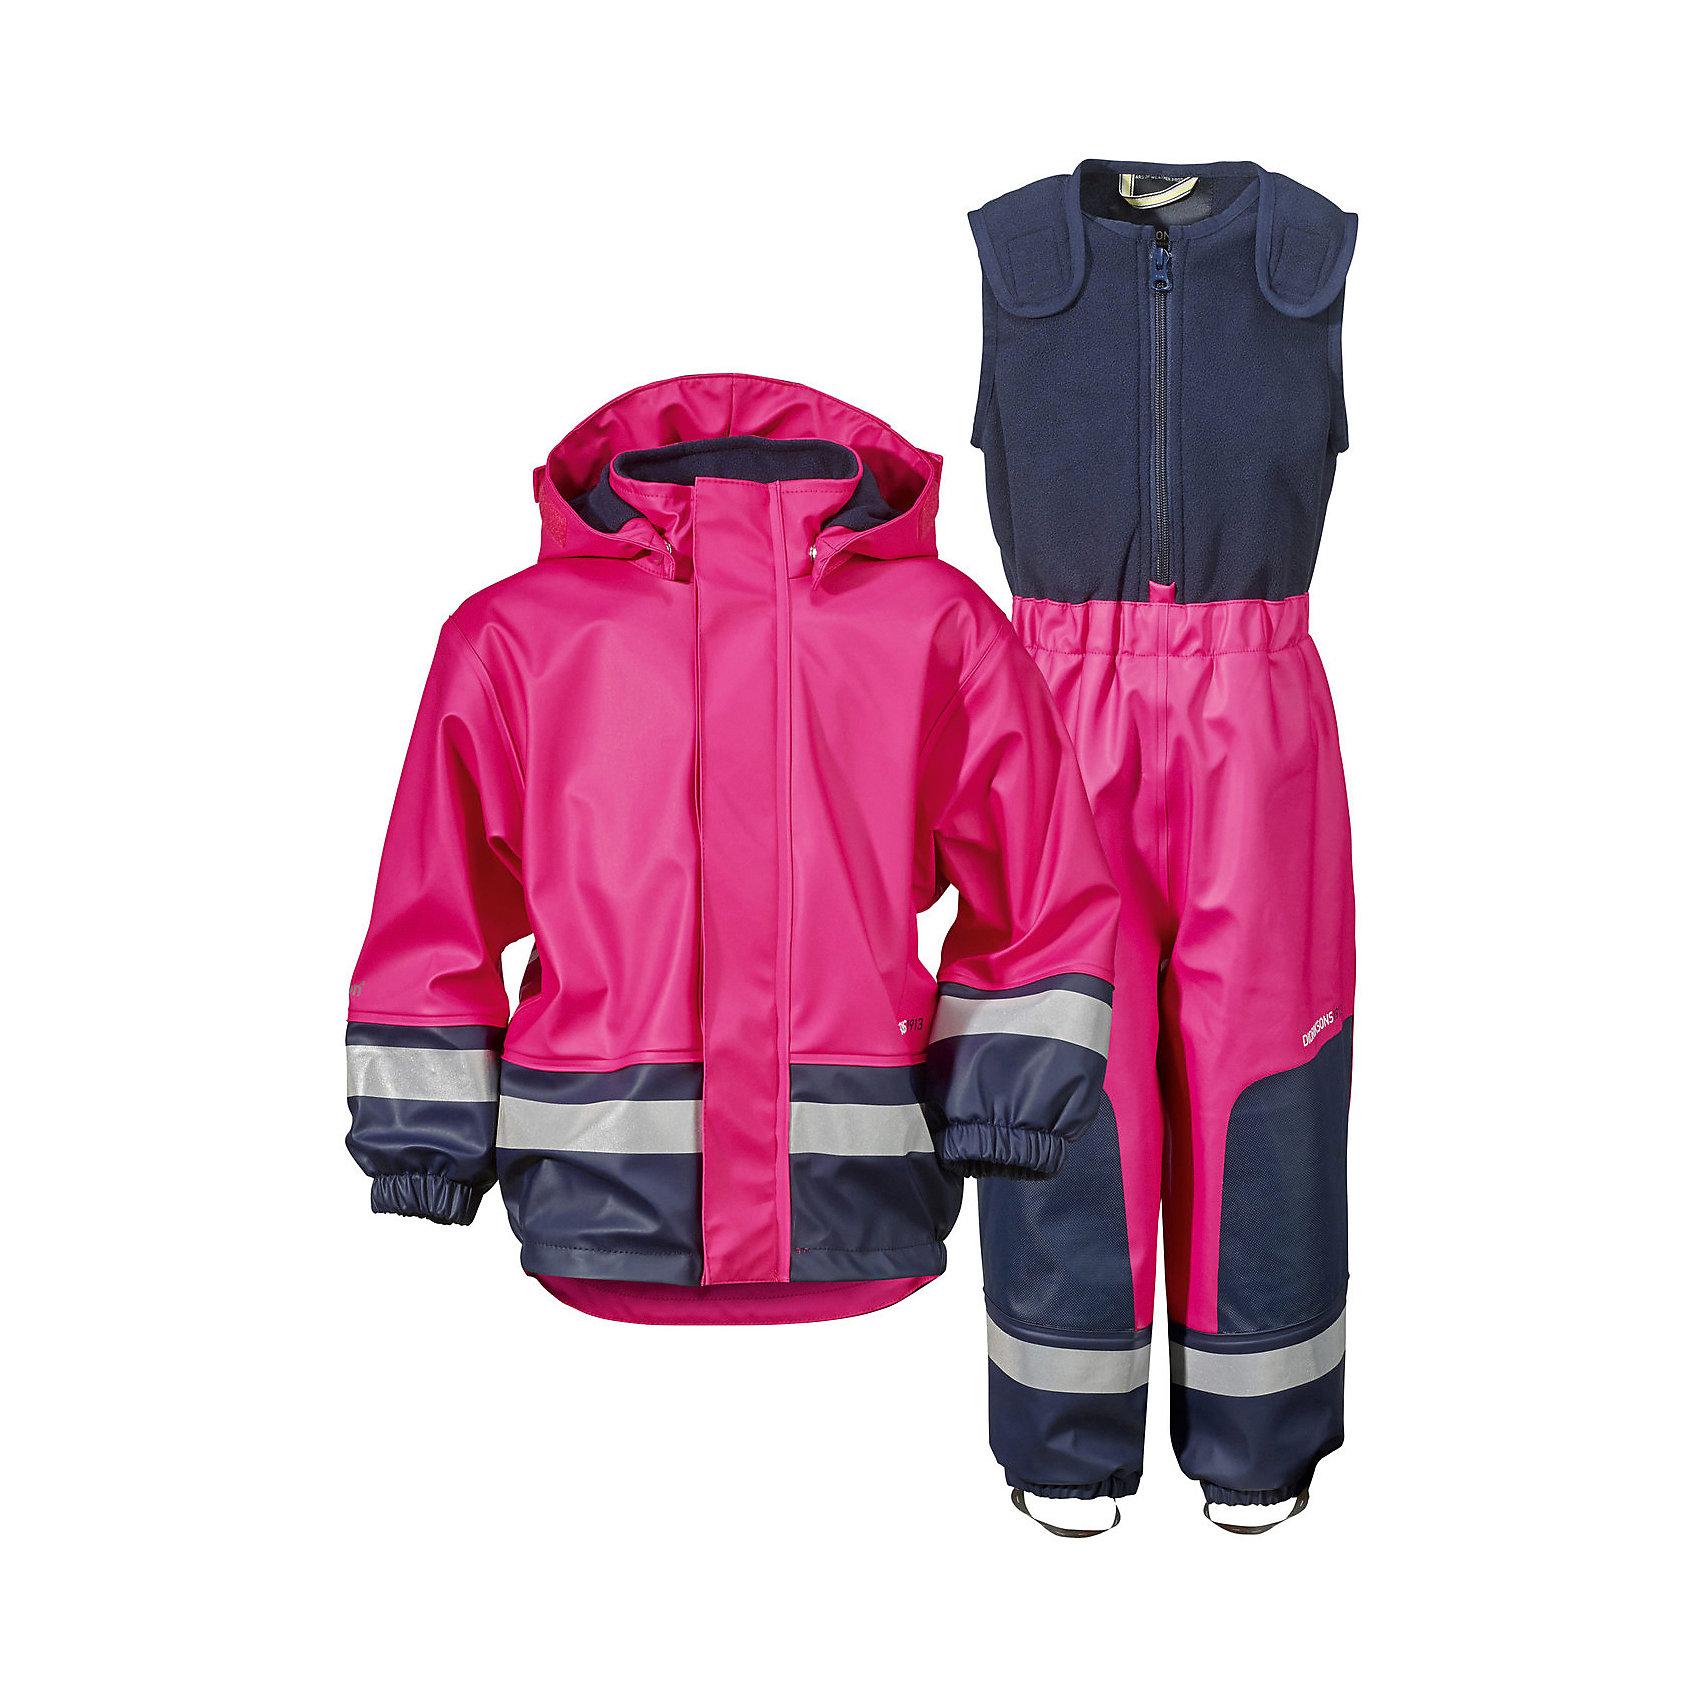 Комплект BOARDMAN для девочки DIDRIKSONSВерхняя одежда<br>Детский костюм из абсолютно водронепроницаемого мягкого полиуретана Galon на подкладке из флиса. Все швы проклеены, что обеспечивает максимальную защиту от внешней влаги. Регулируемый съемный капюшон и пояс брюк. Резинки для ботинок. Фронтальная молния под планкой. Зона коленей усилена дополнительным слоем ткани. Светоотражатели. Ткань - износоустойчивая, за ней легко ухаживать - грязь легко удаляется с помощью влажной губки или ткани. Костюм незаменим в ненастную прохладную погоду, рассчитан на температуру от 0 до +7. Ребёнок будет счастлив обмерить все лужи, залезть на все сугробы и прокатиться на грязных горках и останется сухим, а мама довольной.<br>Состав:<br>Верх - 100% полиуретан, подкладка - 100% полиэстер<br><br>Ширина мм: 356<br>Глубина мм: 10<br>Высота мм: 245<br>Вес г: 519<br>Цвет: розовый<br>Возраст от месяцев: 6<br>Возраст до месяцев: 9<br>Пол: Женский<br>Возраст: Детский<br>Размер: 70,140,80<br>SKU: 5527181